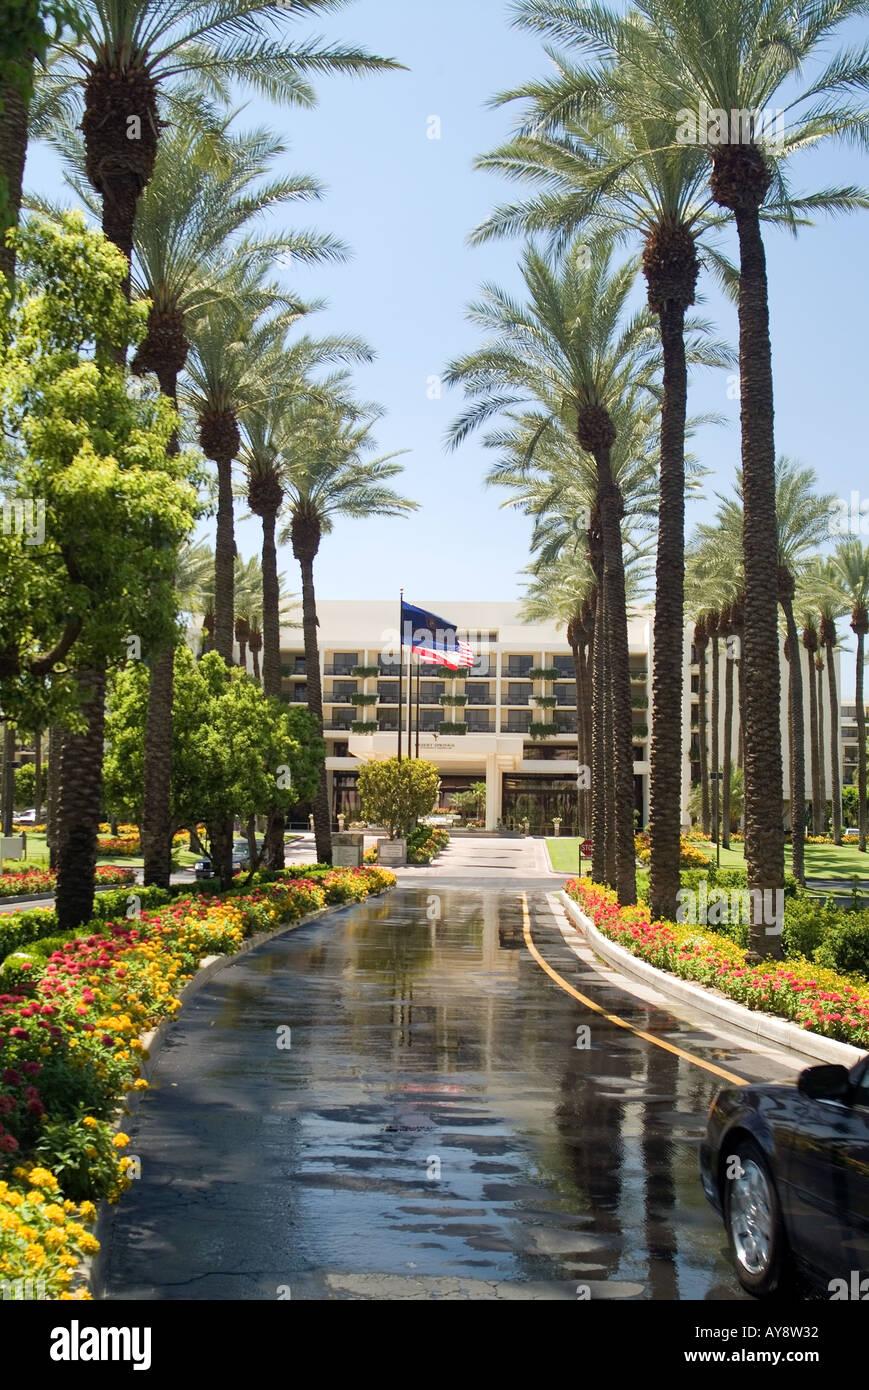 Desert springs jw marriott resort stock photos desert for Desert motor palm desert ca